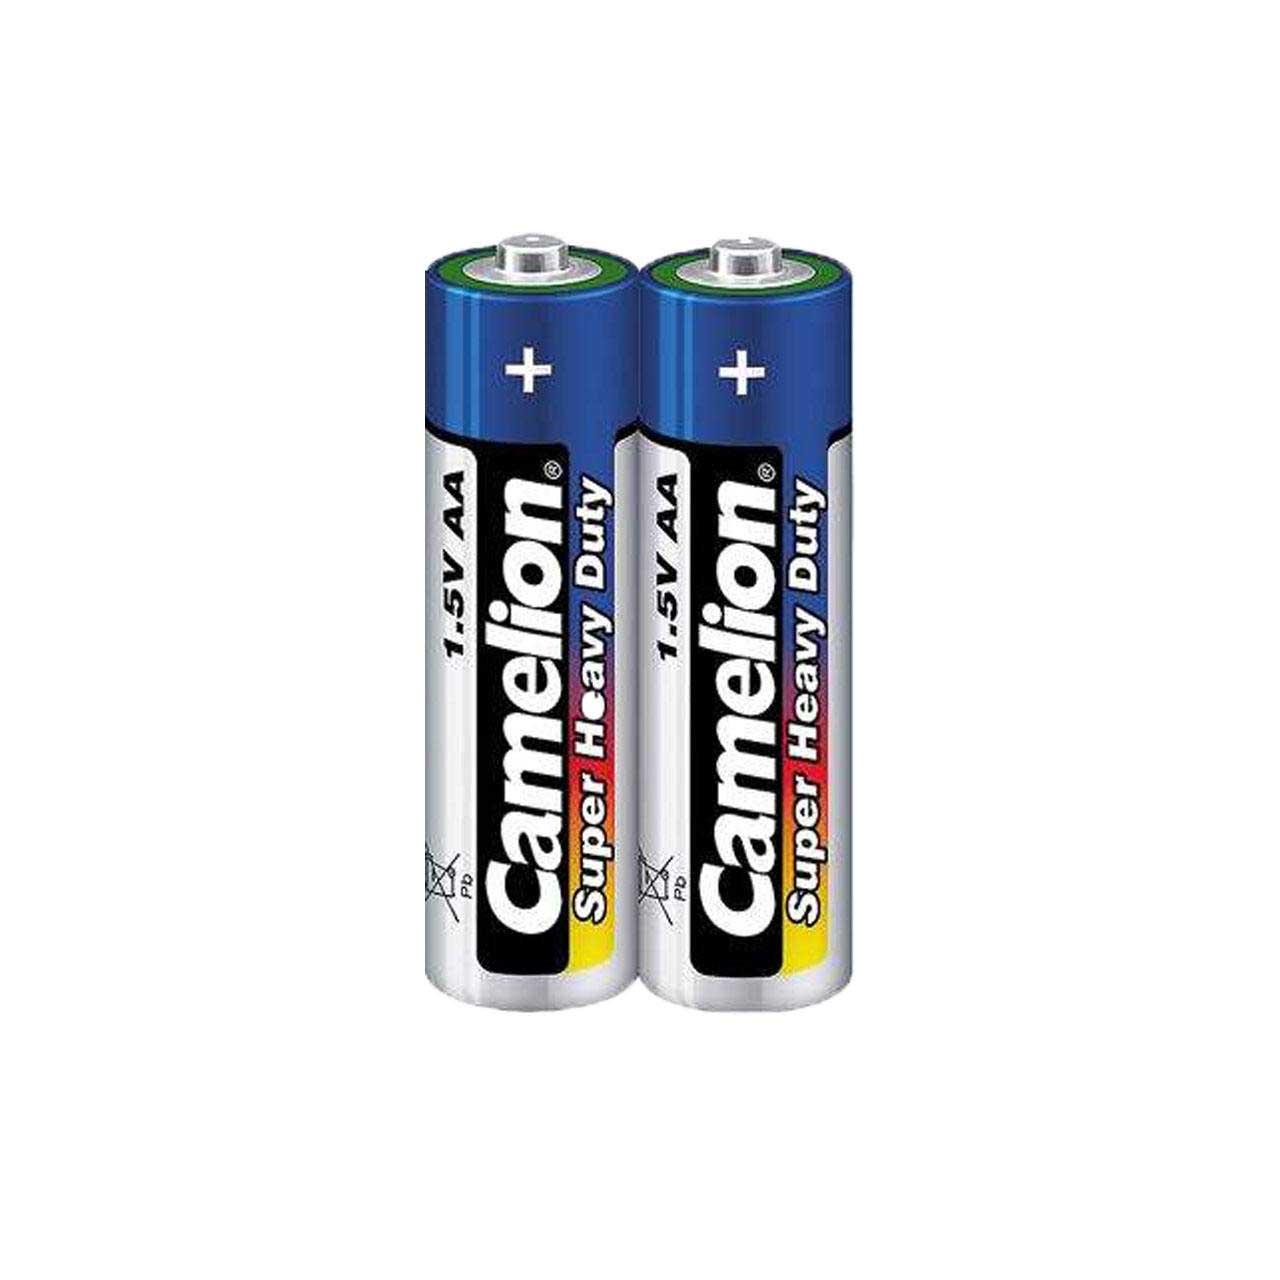 باتری قلمی کملیون مدل Super Heavy Duty کد 5251 مجموعه 120 عددی